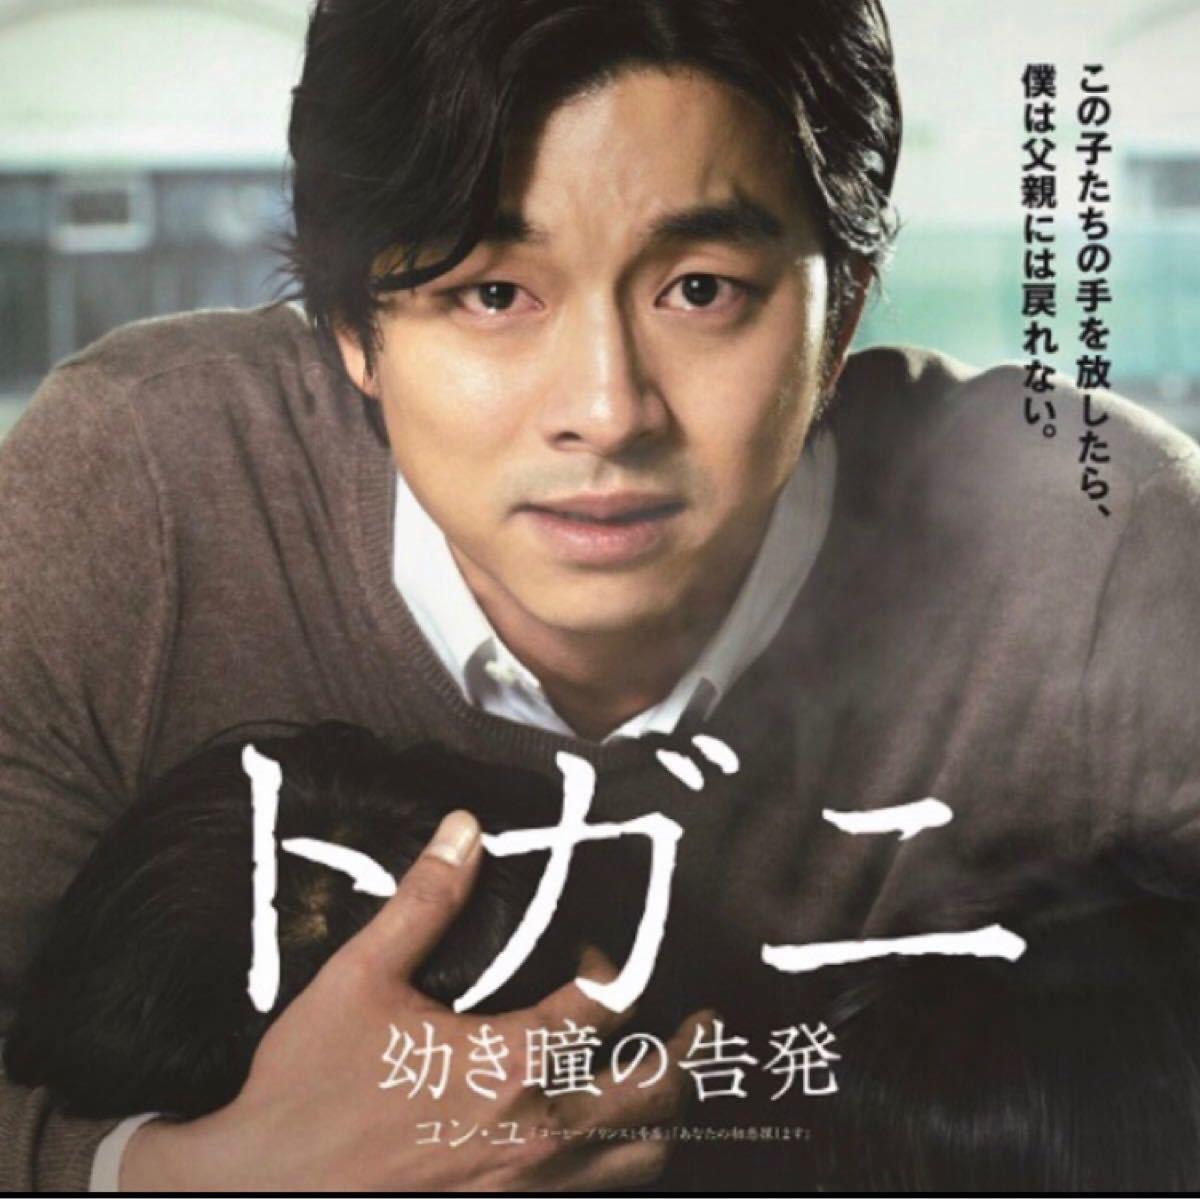 韓国映画  トガニ  DVD  コン・ユ  チョン・ユミ  日本語吹替有り  レーベル有り